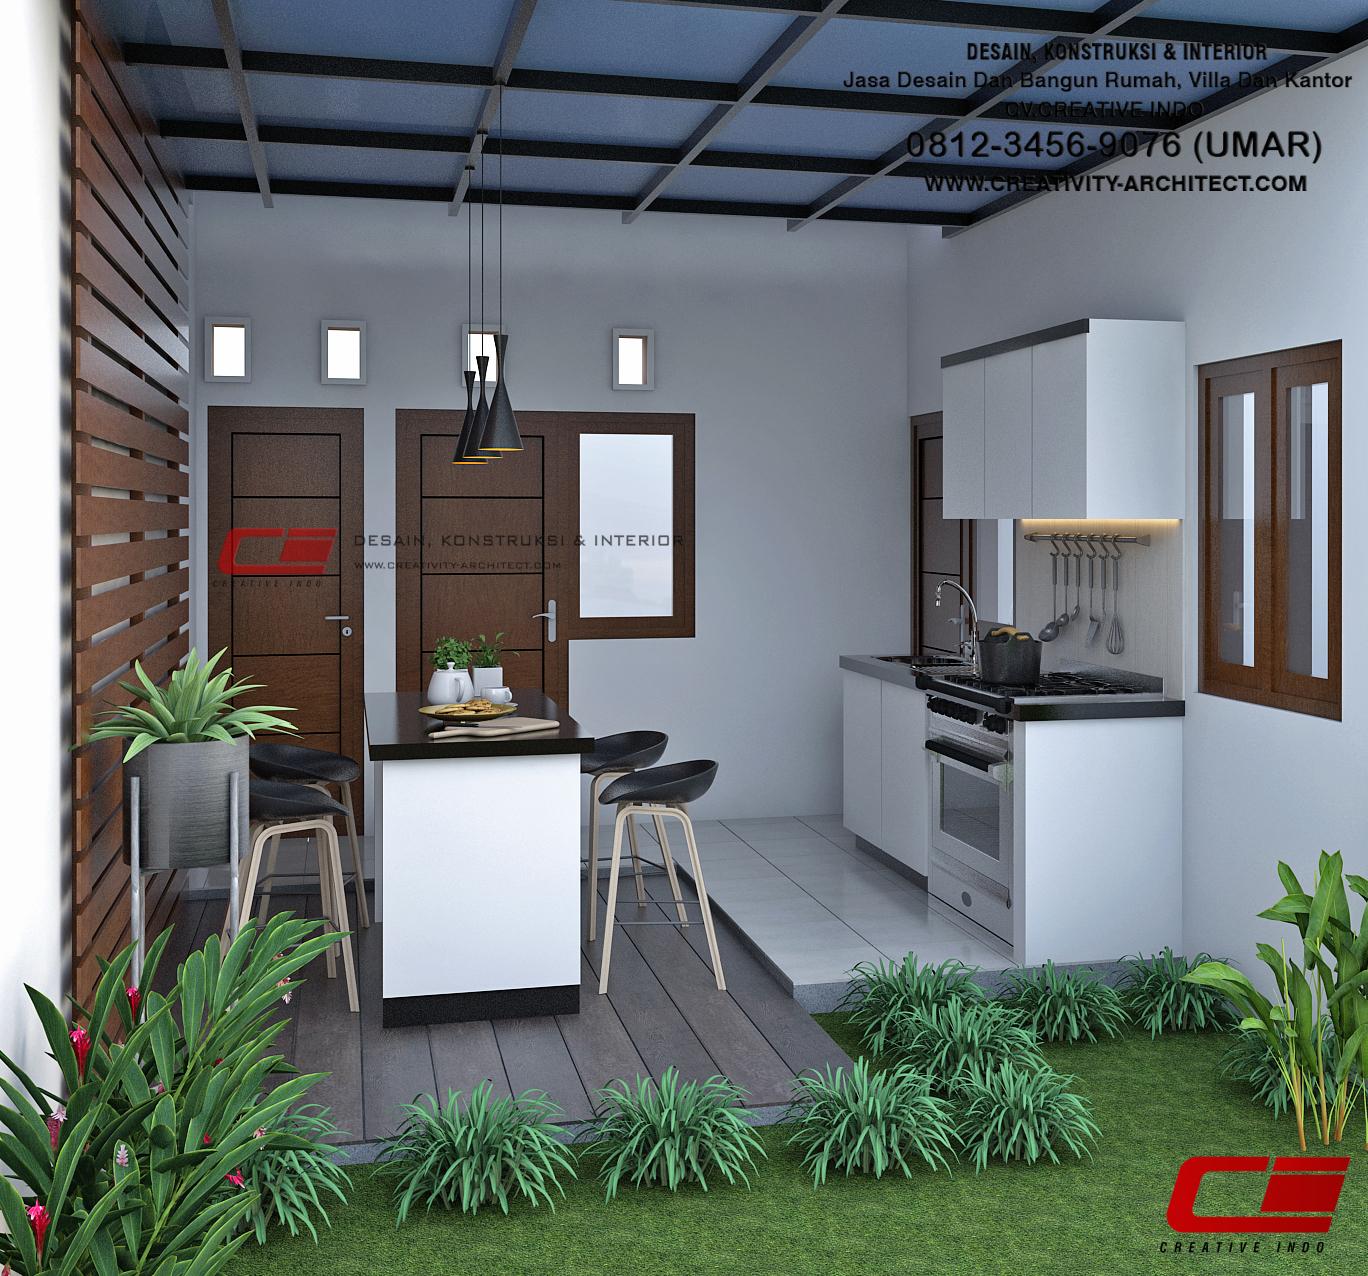 Harga Jasa Desain Rumah Di Bekasi: 0812-3456-9076 JASA DESAIN RUMAH MINIMALIS